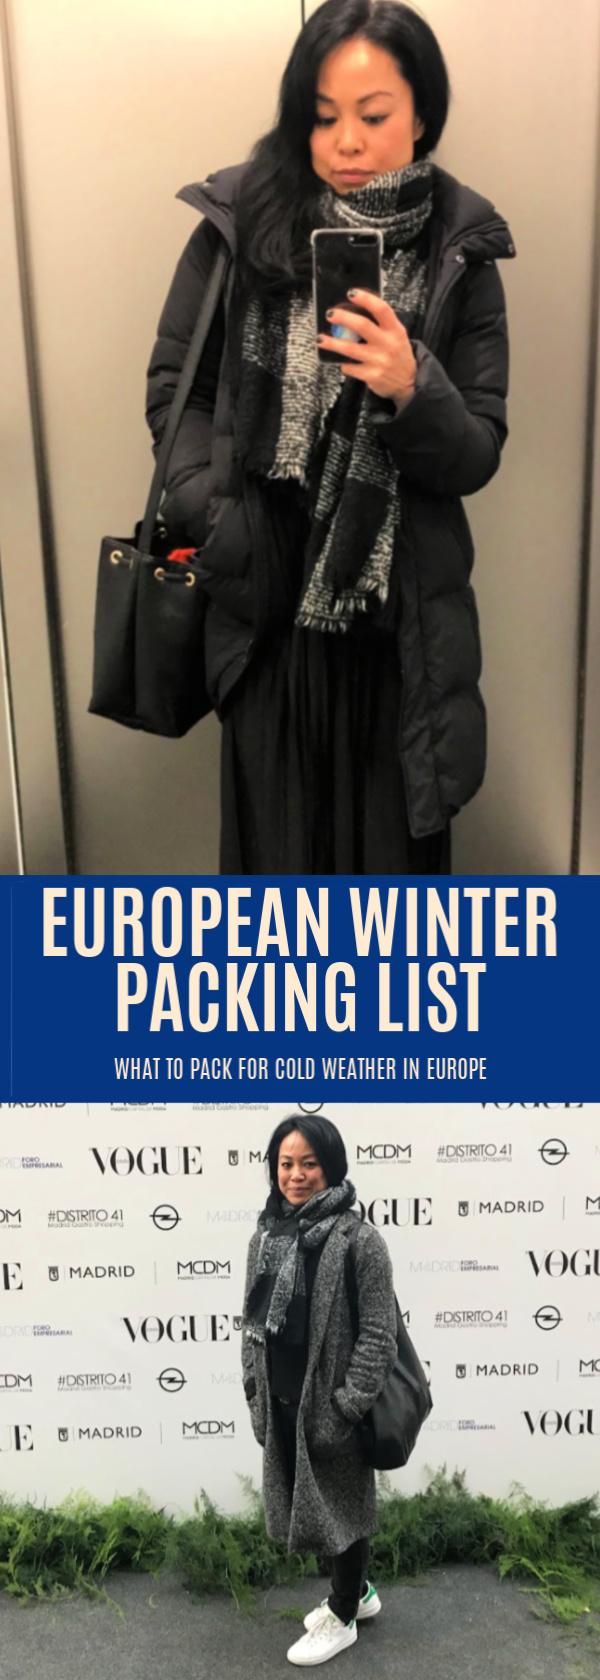 European Winter Packing List